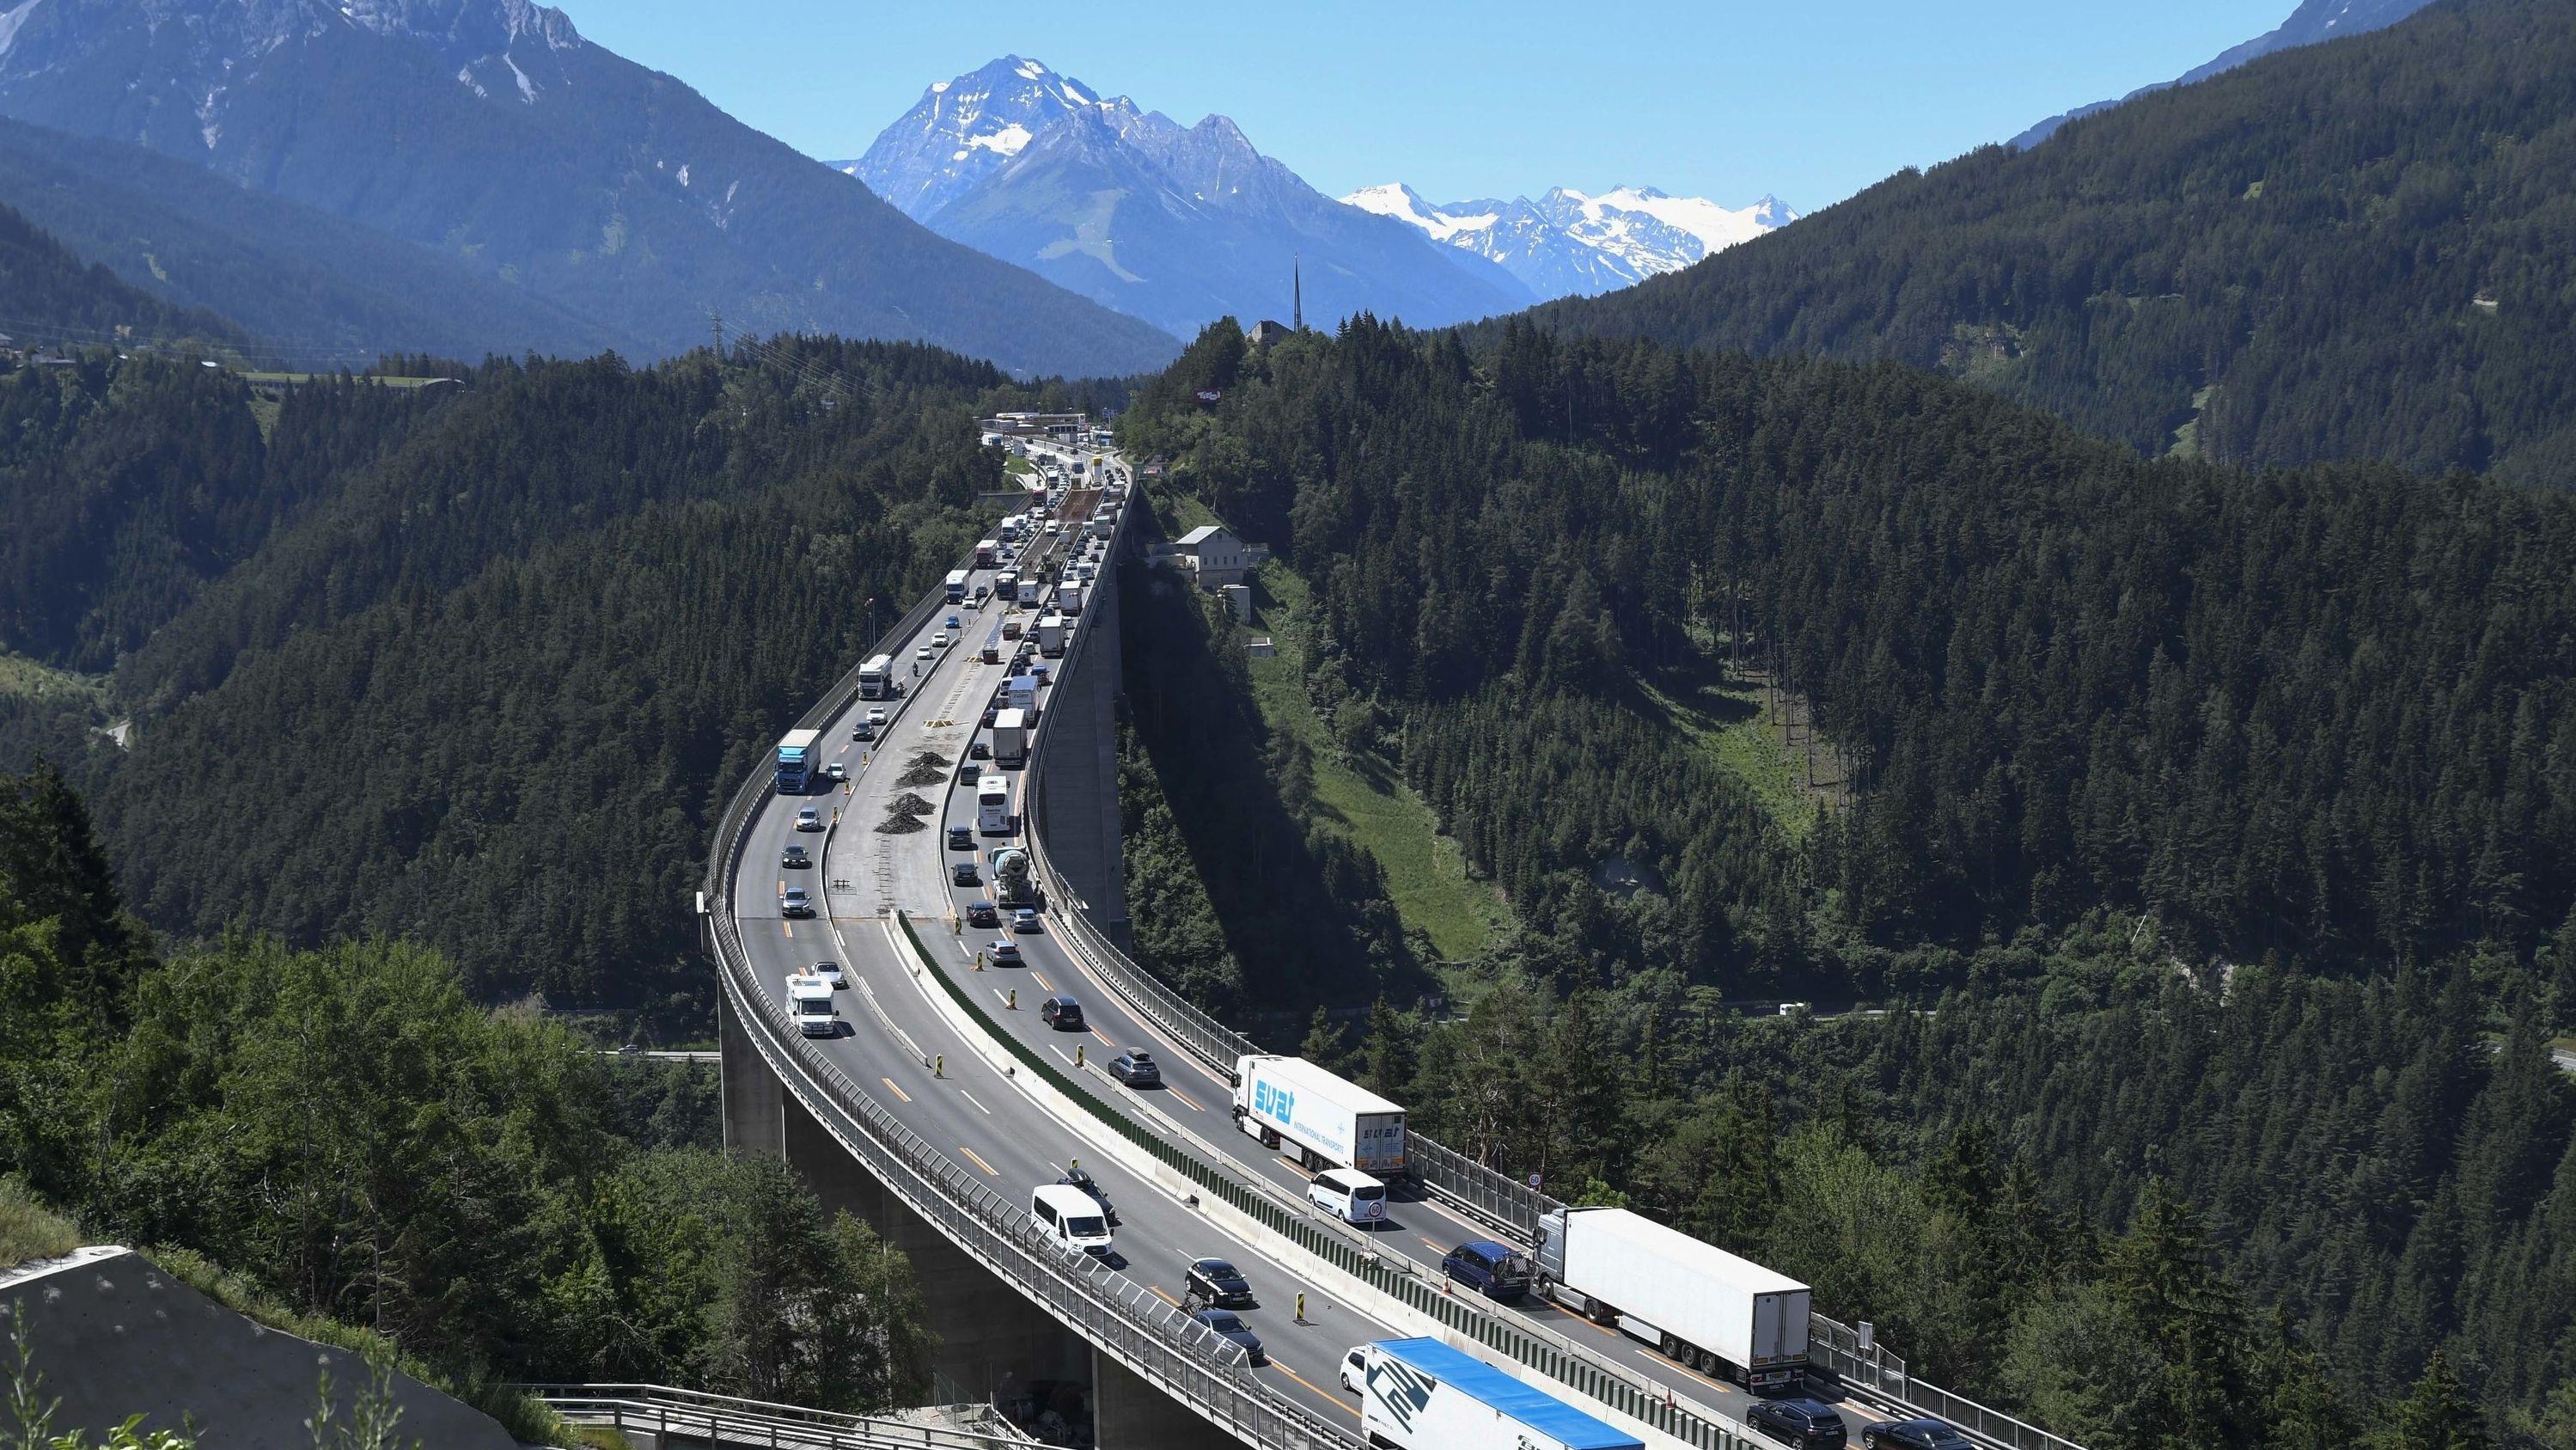 Stau auf der Europabrücke. Die Fahrverbote in Tirol haben am Samstag nach Polizeiangeben keine Probleme im Urlaubsverkehr verursacht.